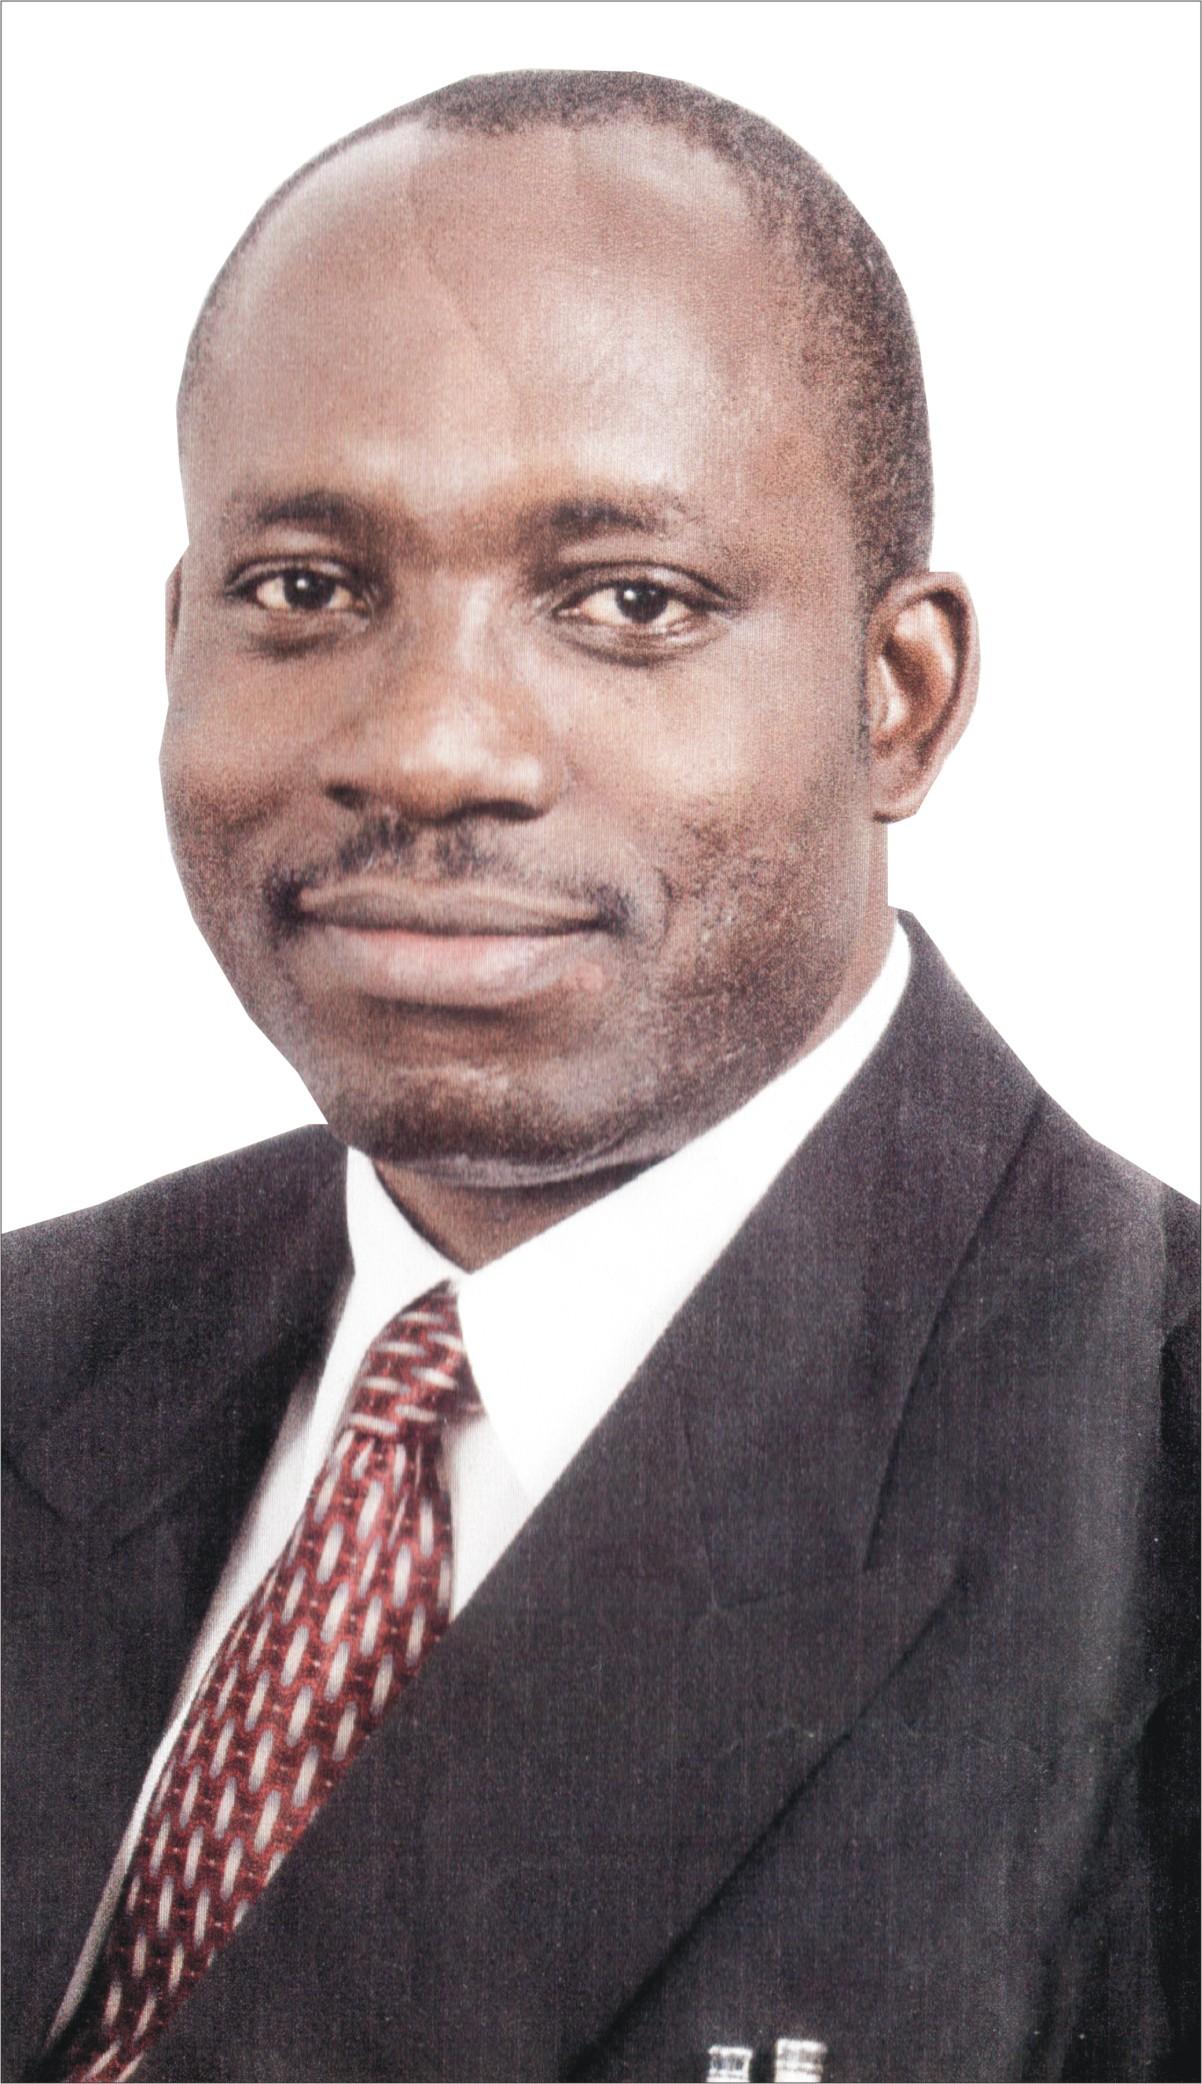 Prof. Chukwuma Soludo